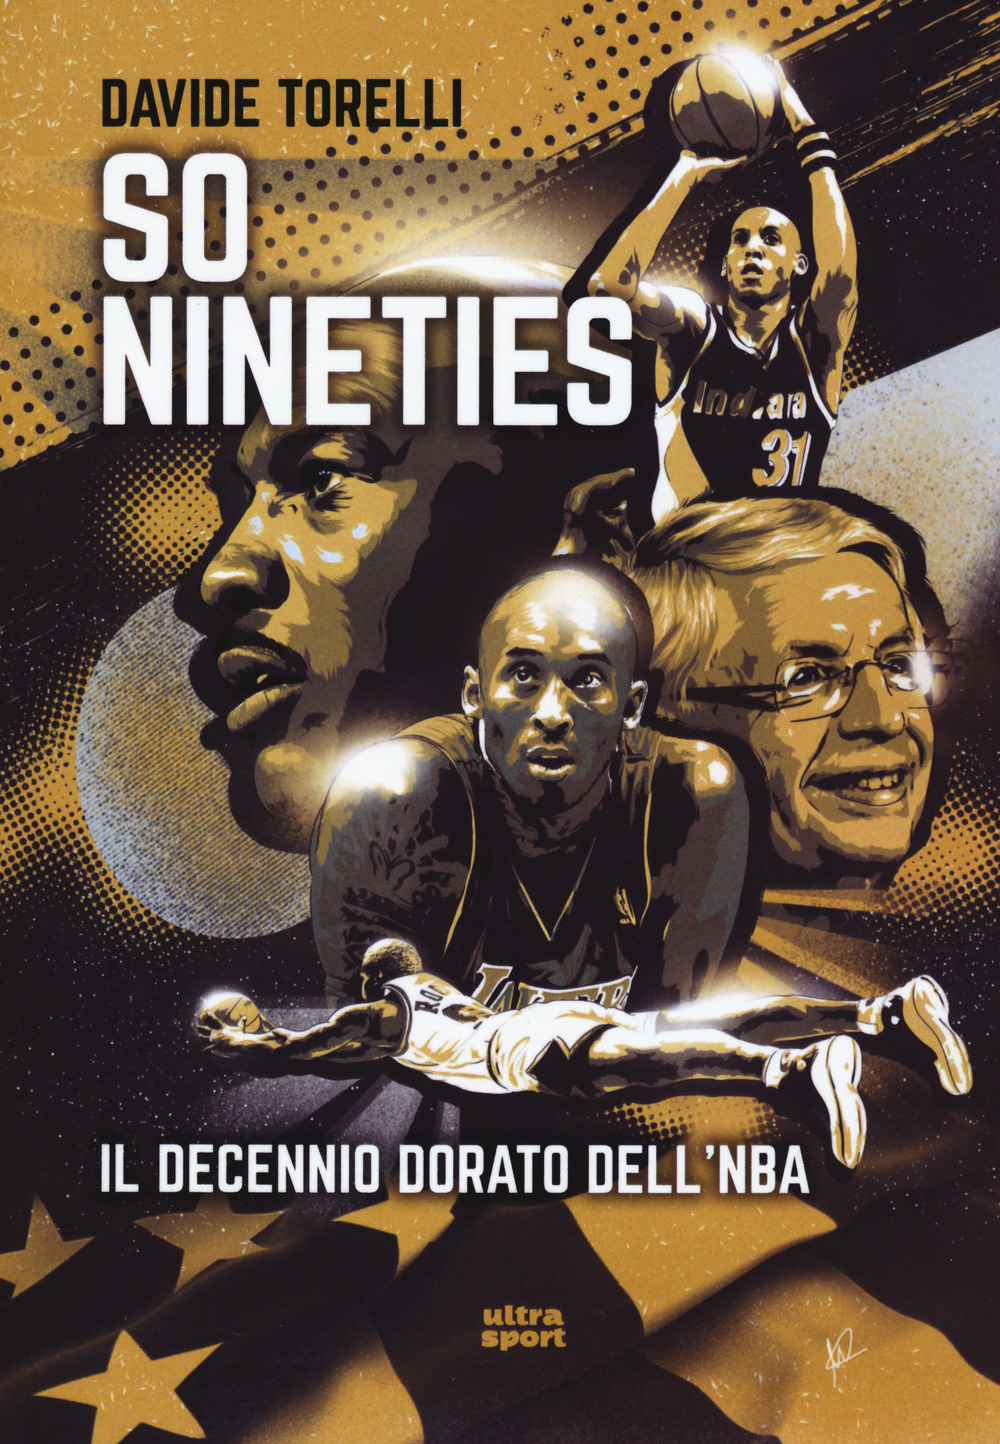 SO NINETIES. IL DECENNIO DORATO DELL'NBA - Torelli Davide - 9788867769988